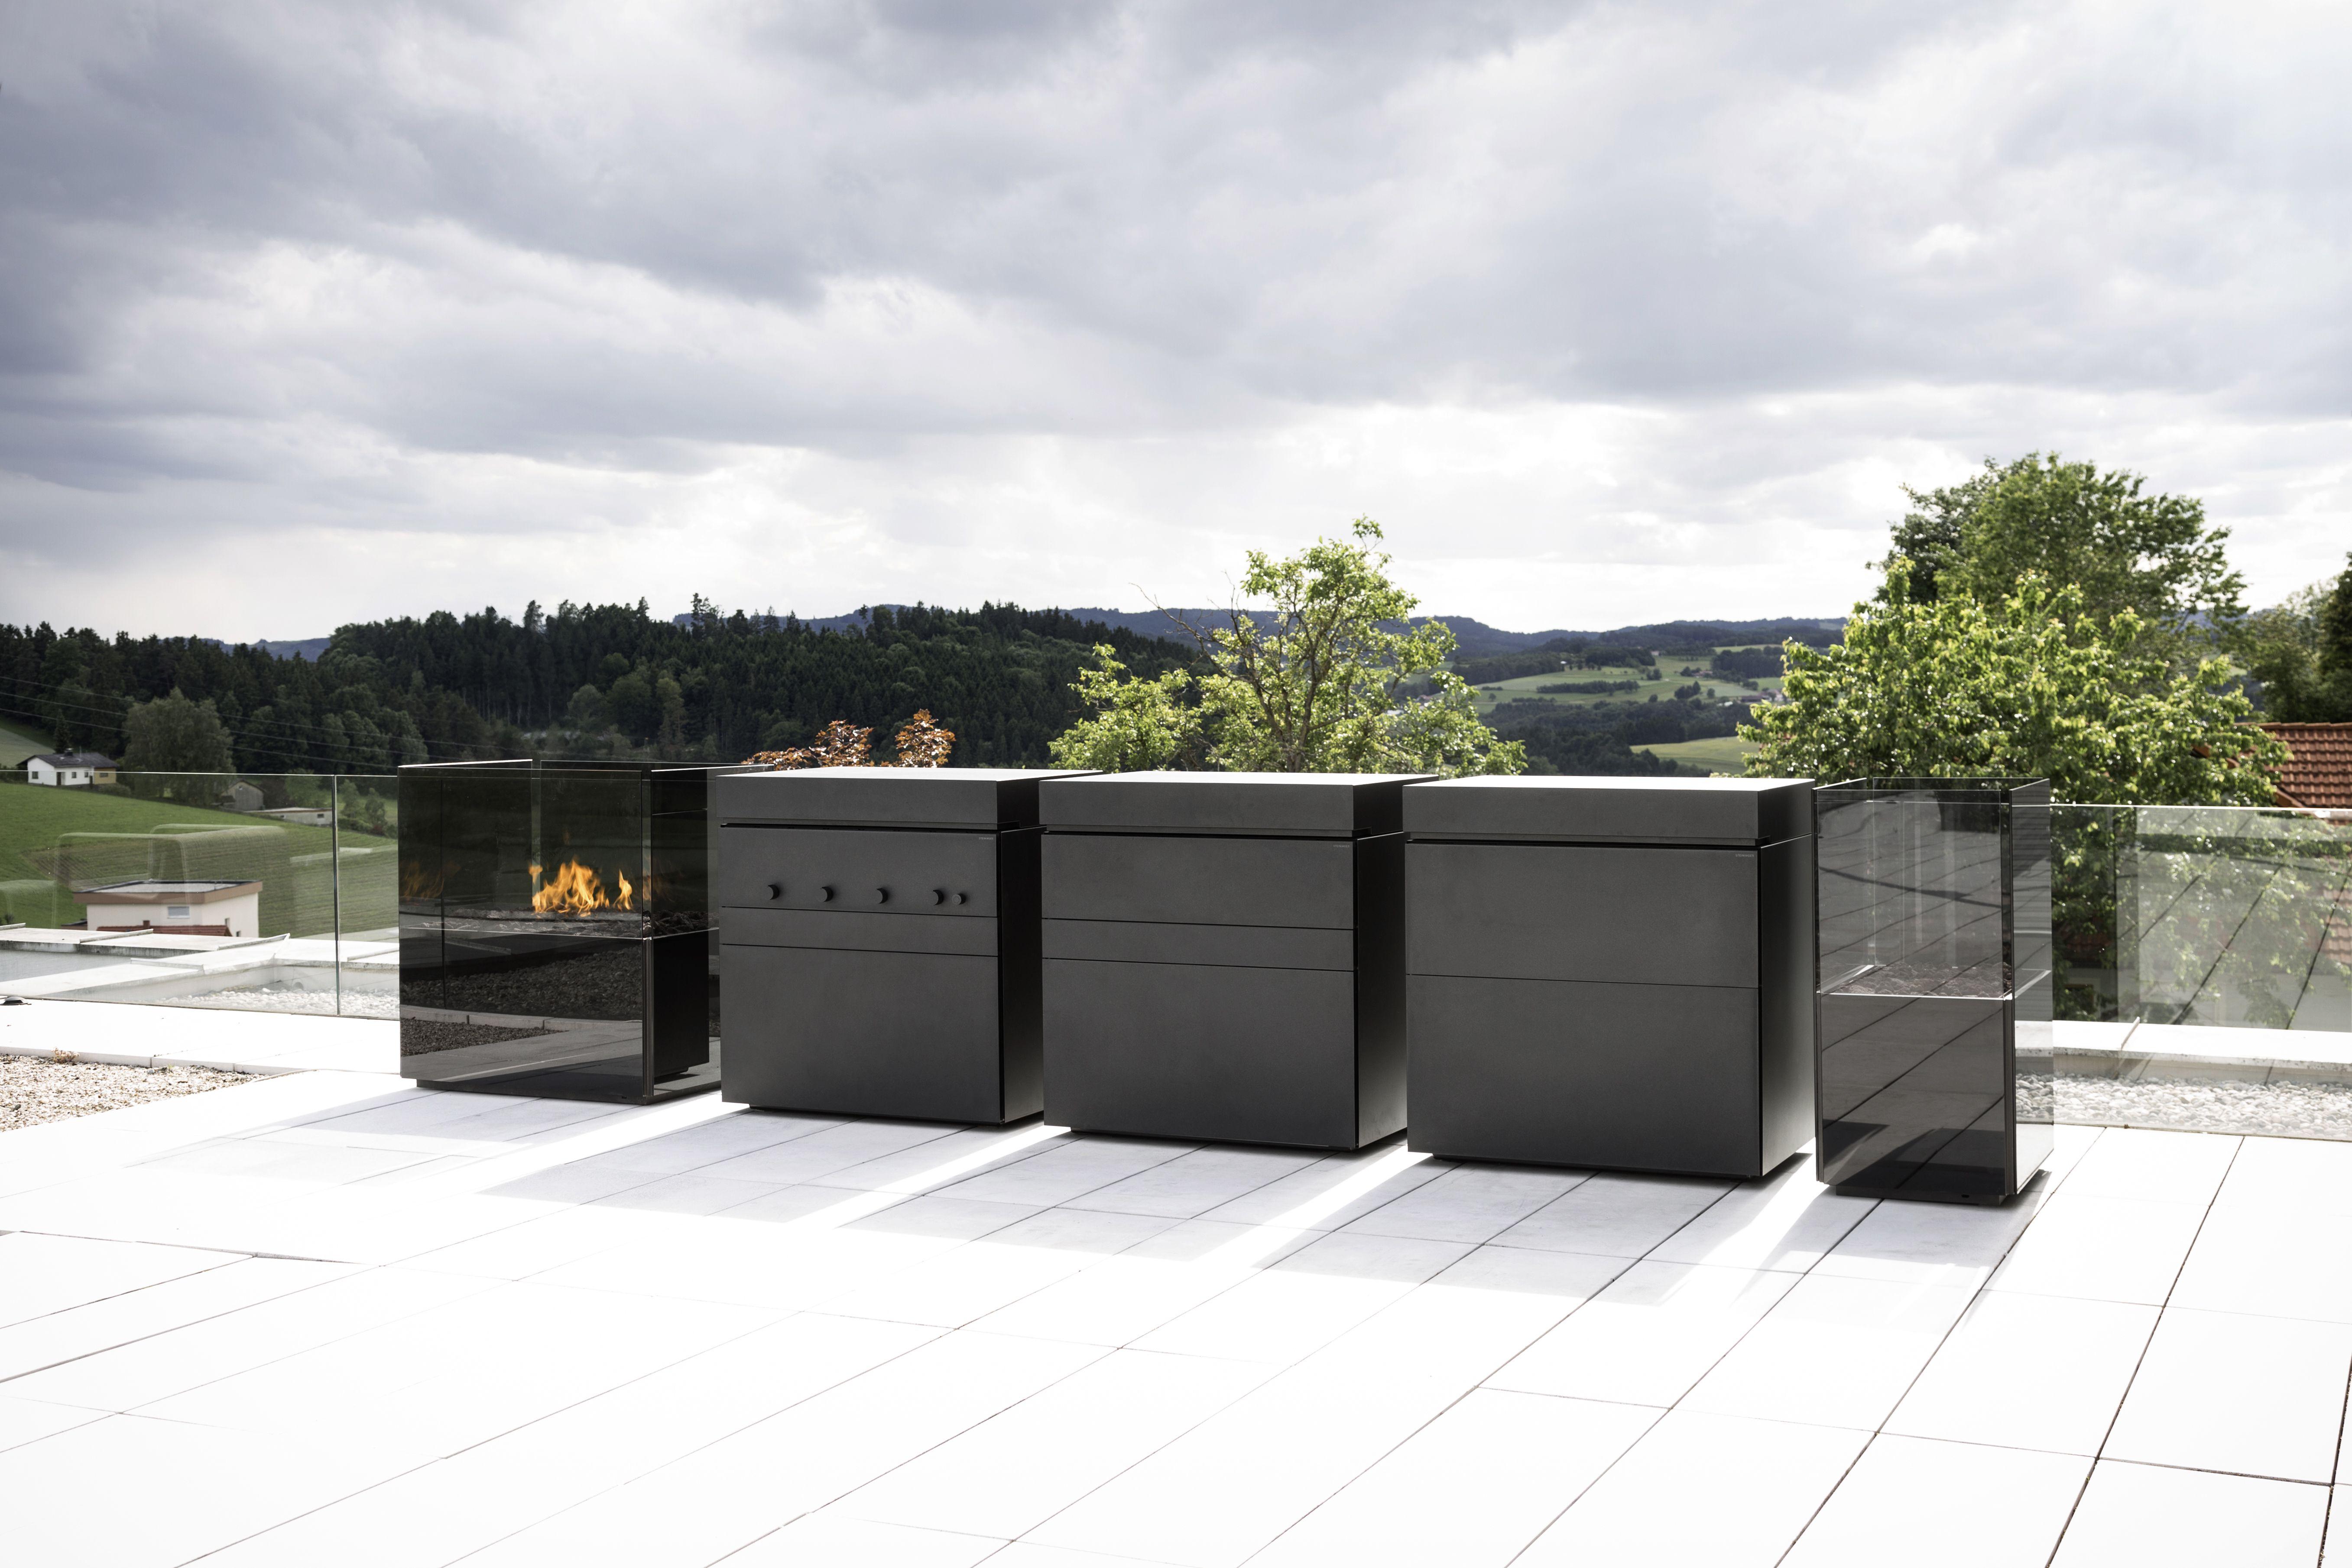 Steininger Outdoorküche : Steininger outdoorküche rock air von steininger signers zu